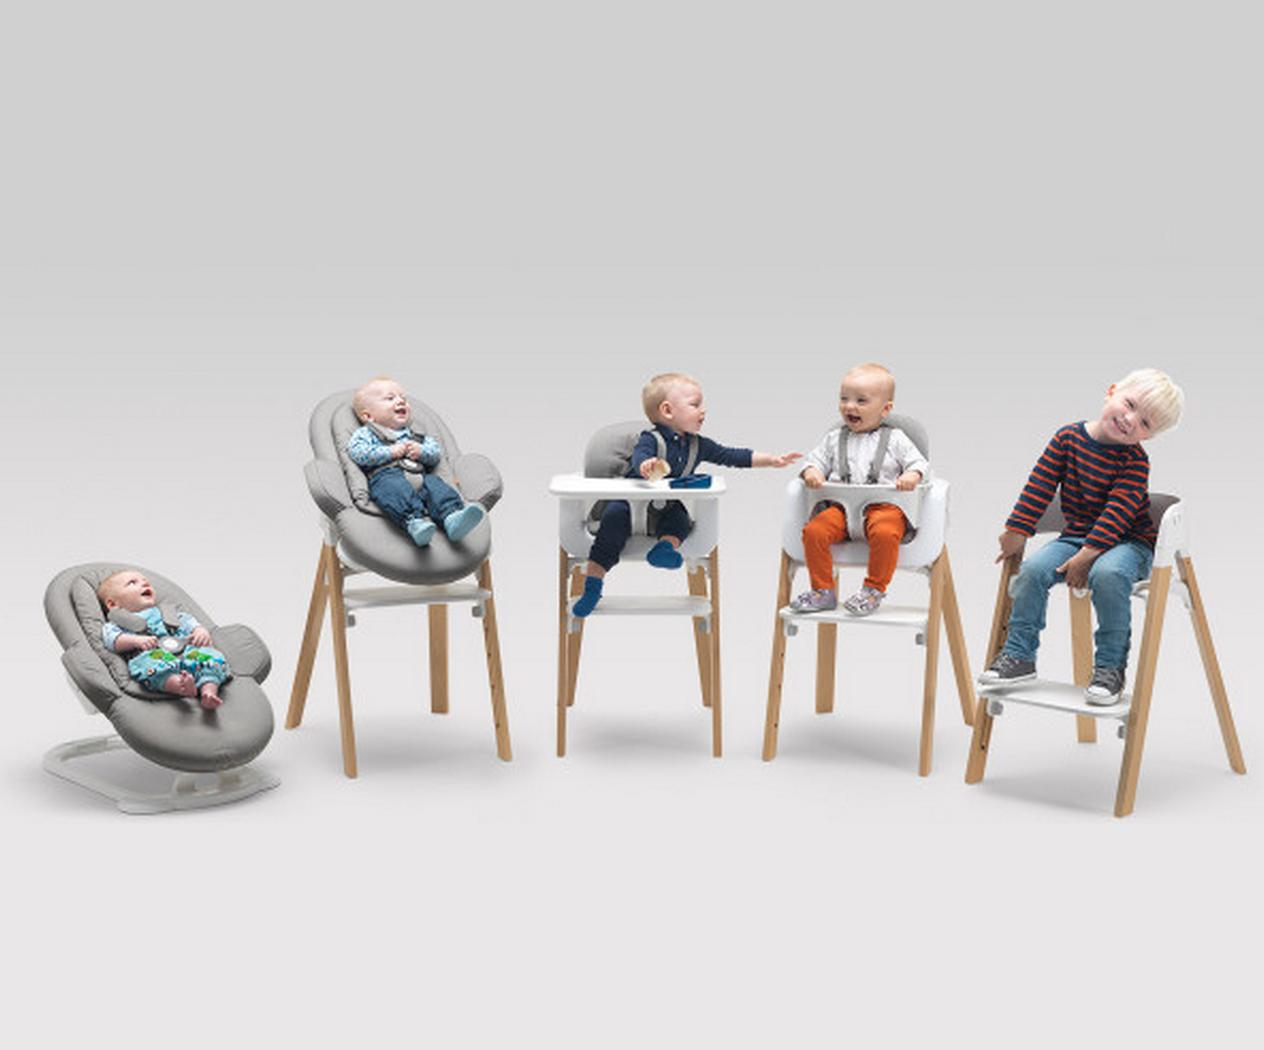 Puissent Manger Table Avec Les Adultes Le Soucis Est Que Lorsquils Grandissent Vous Devez Acheter Un Nouveau Modle Stokke Steps Une Chaise